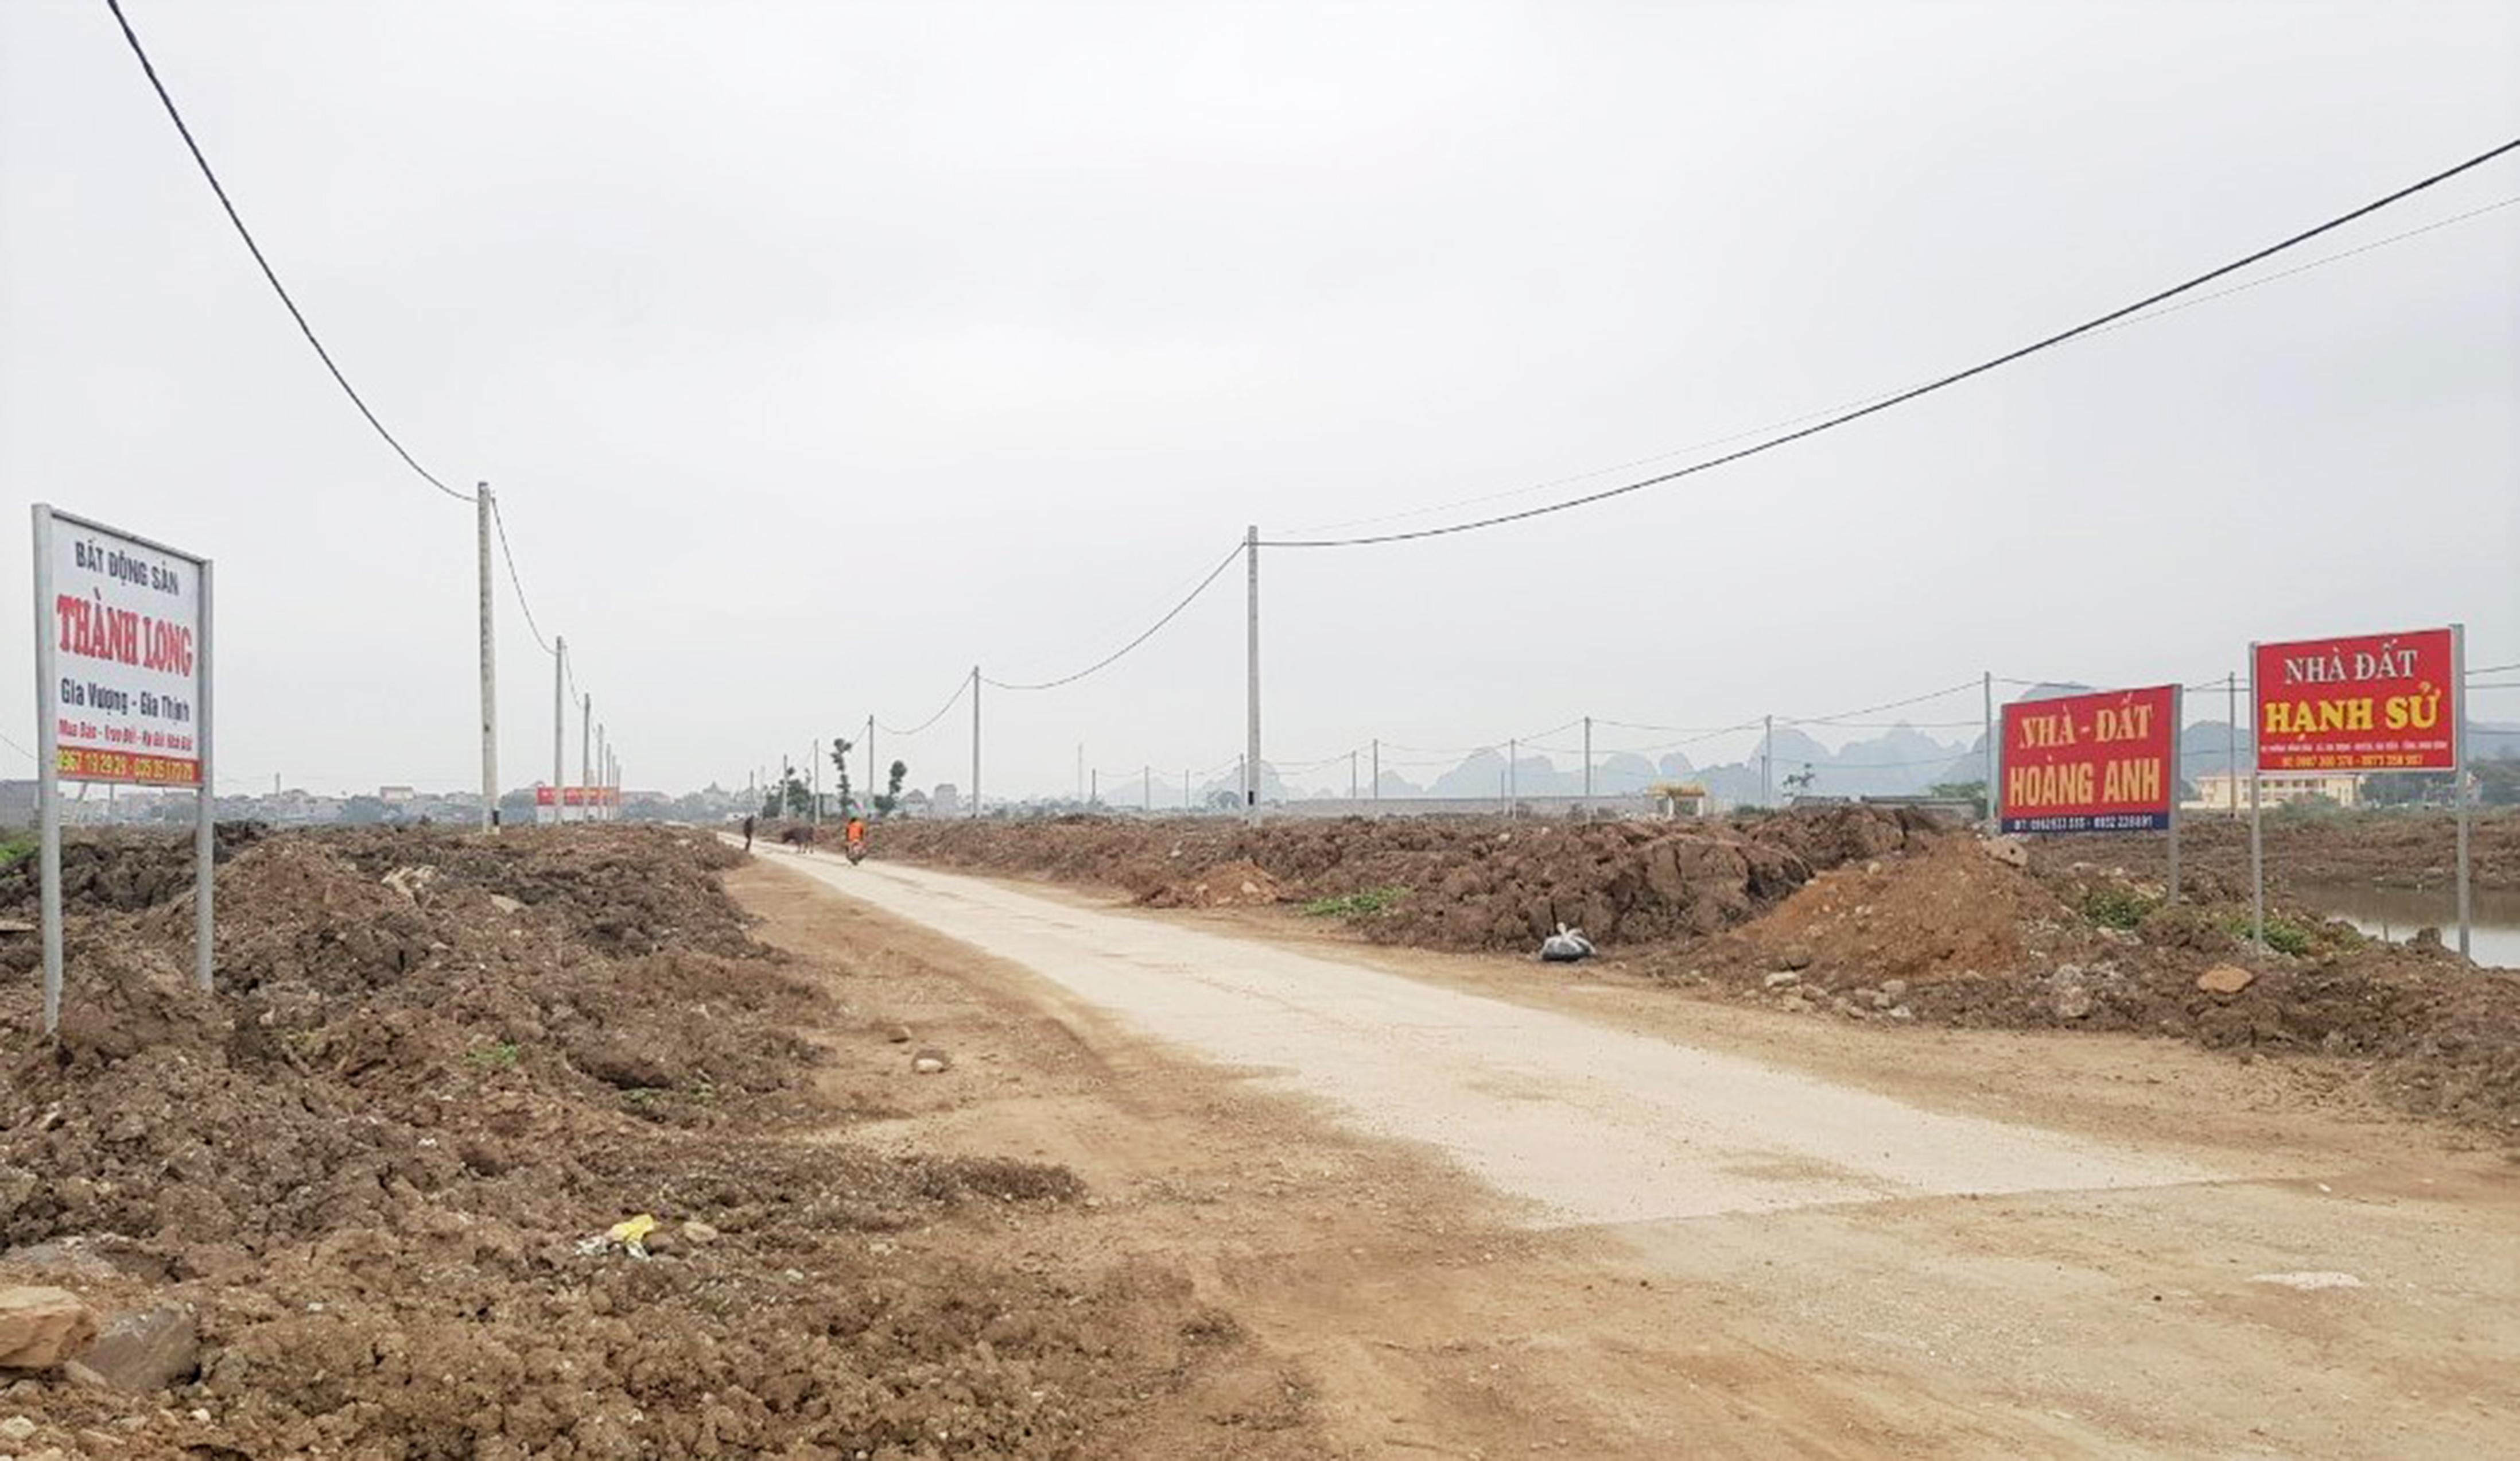 Giá đất khu xã Gia Thịnh, huyện Gia Viễn bất ngờ tăng nhanh.